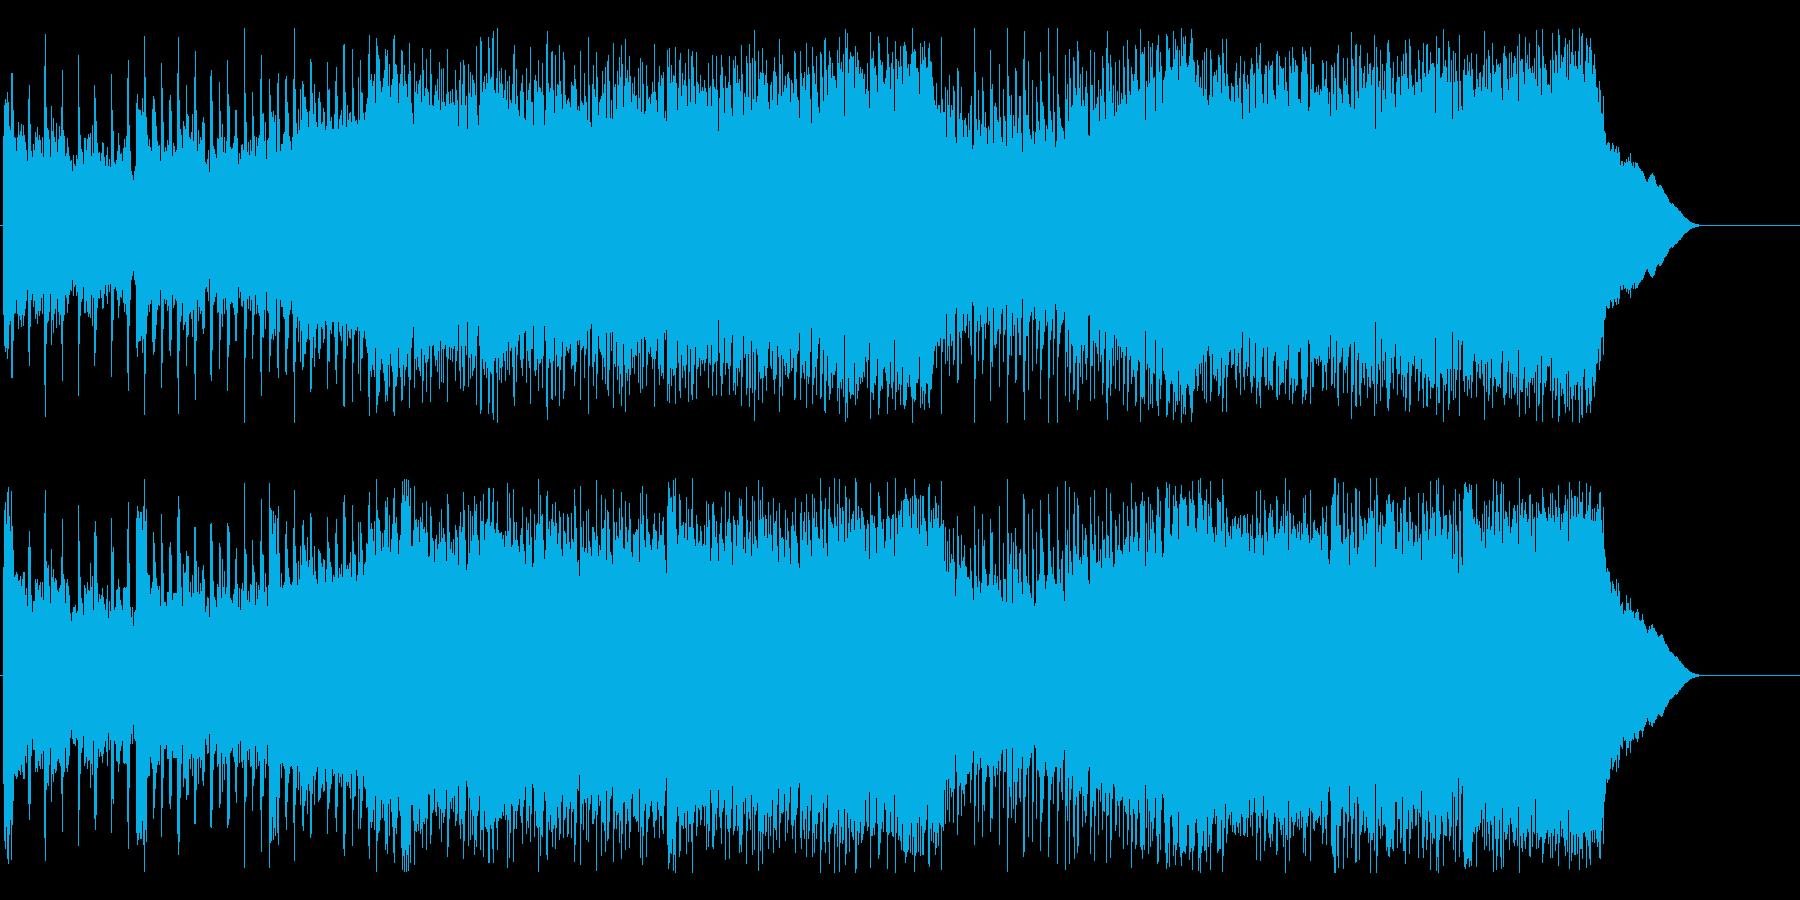 ディスコ 情熱 挑戦 闘志 スリルの再生済みの波形